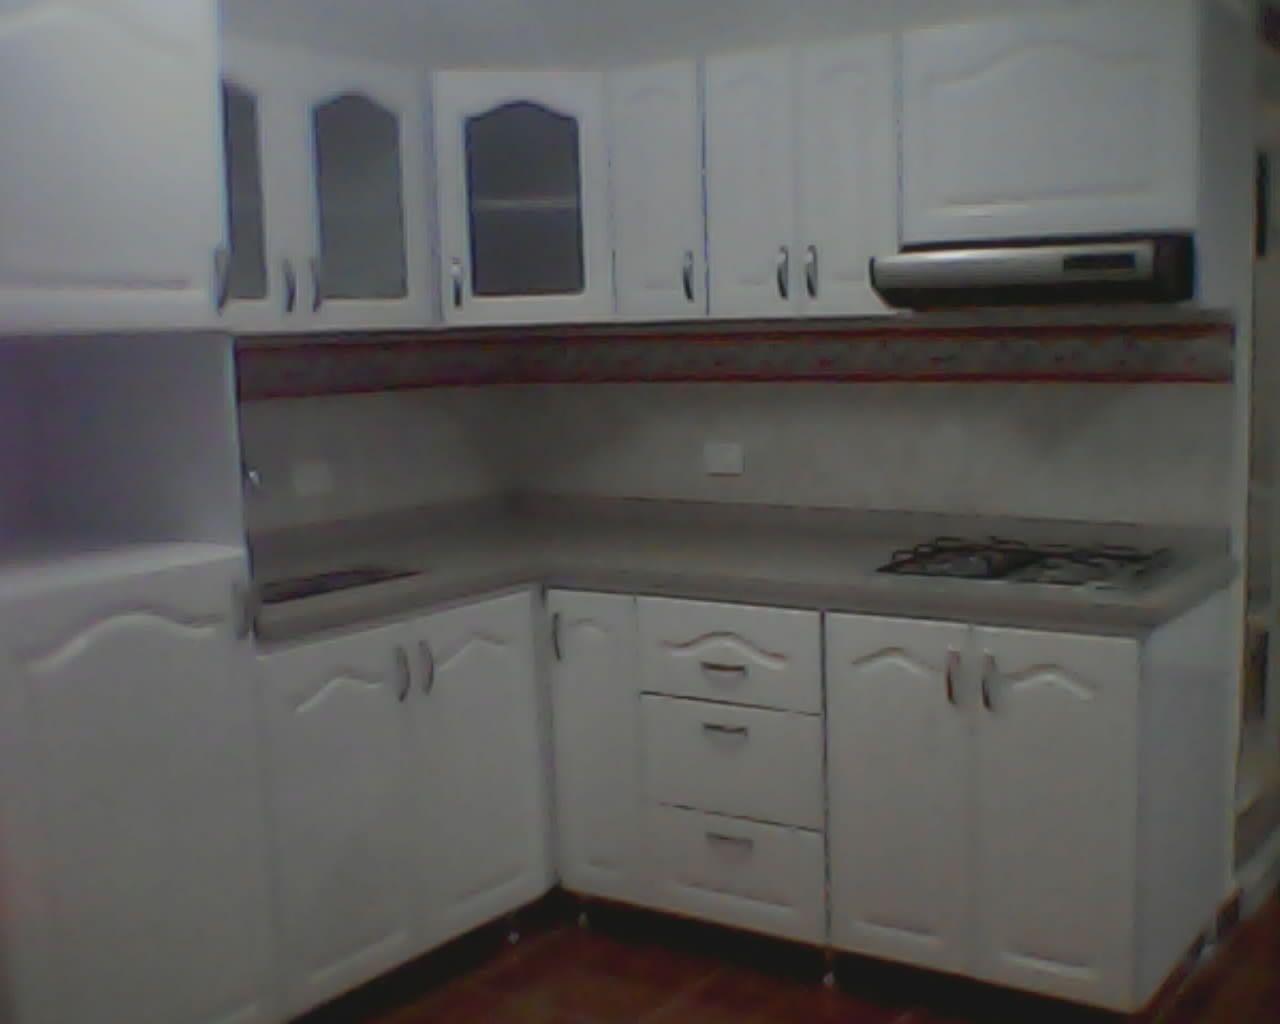 Cocina integral pintada en blanco polietileno ruteada for Cocinas integrales pereira